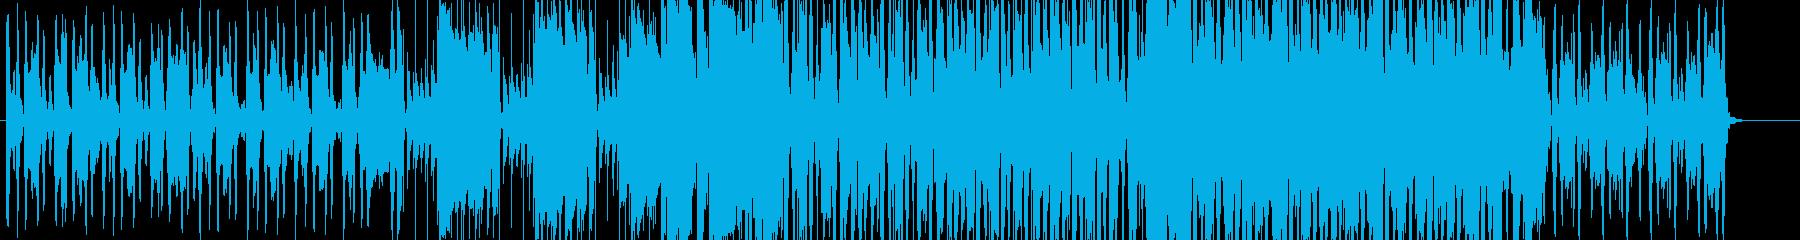 ほのぼのとしたヴァイオリンポップスの再生済みの波形